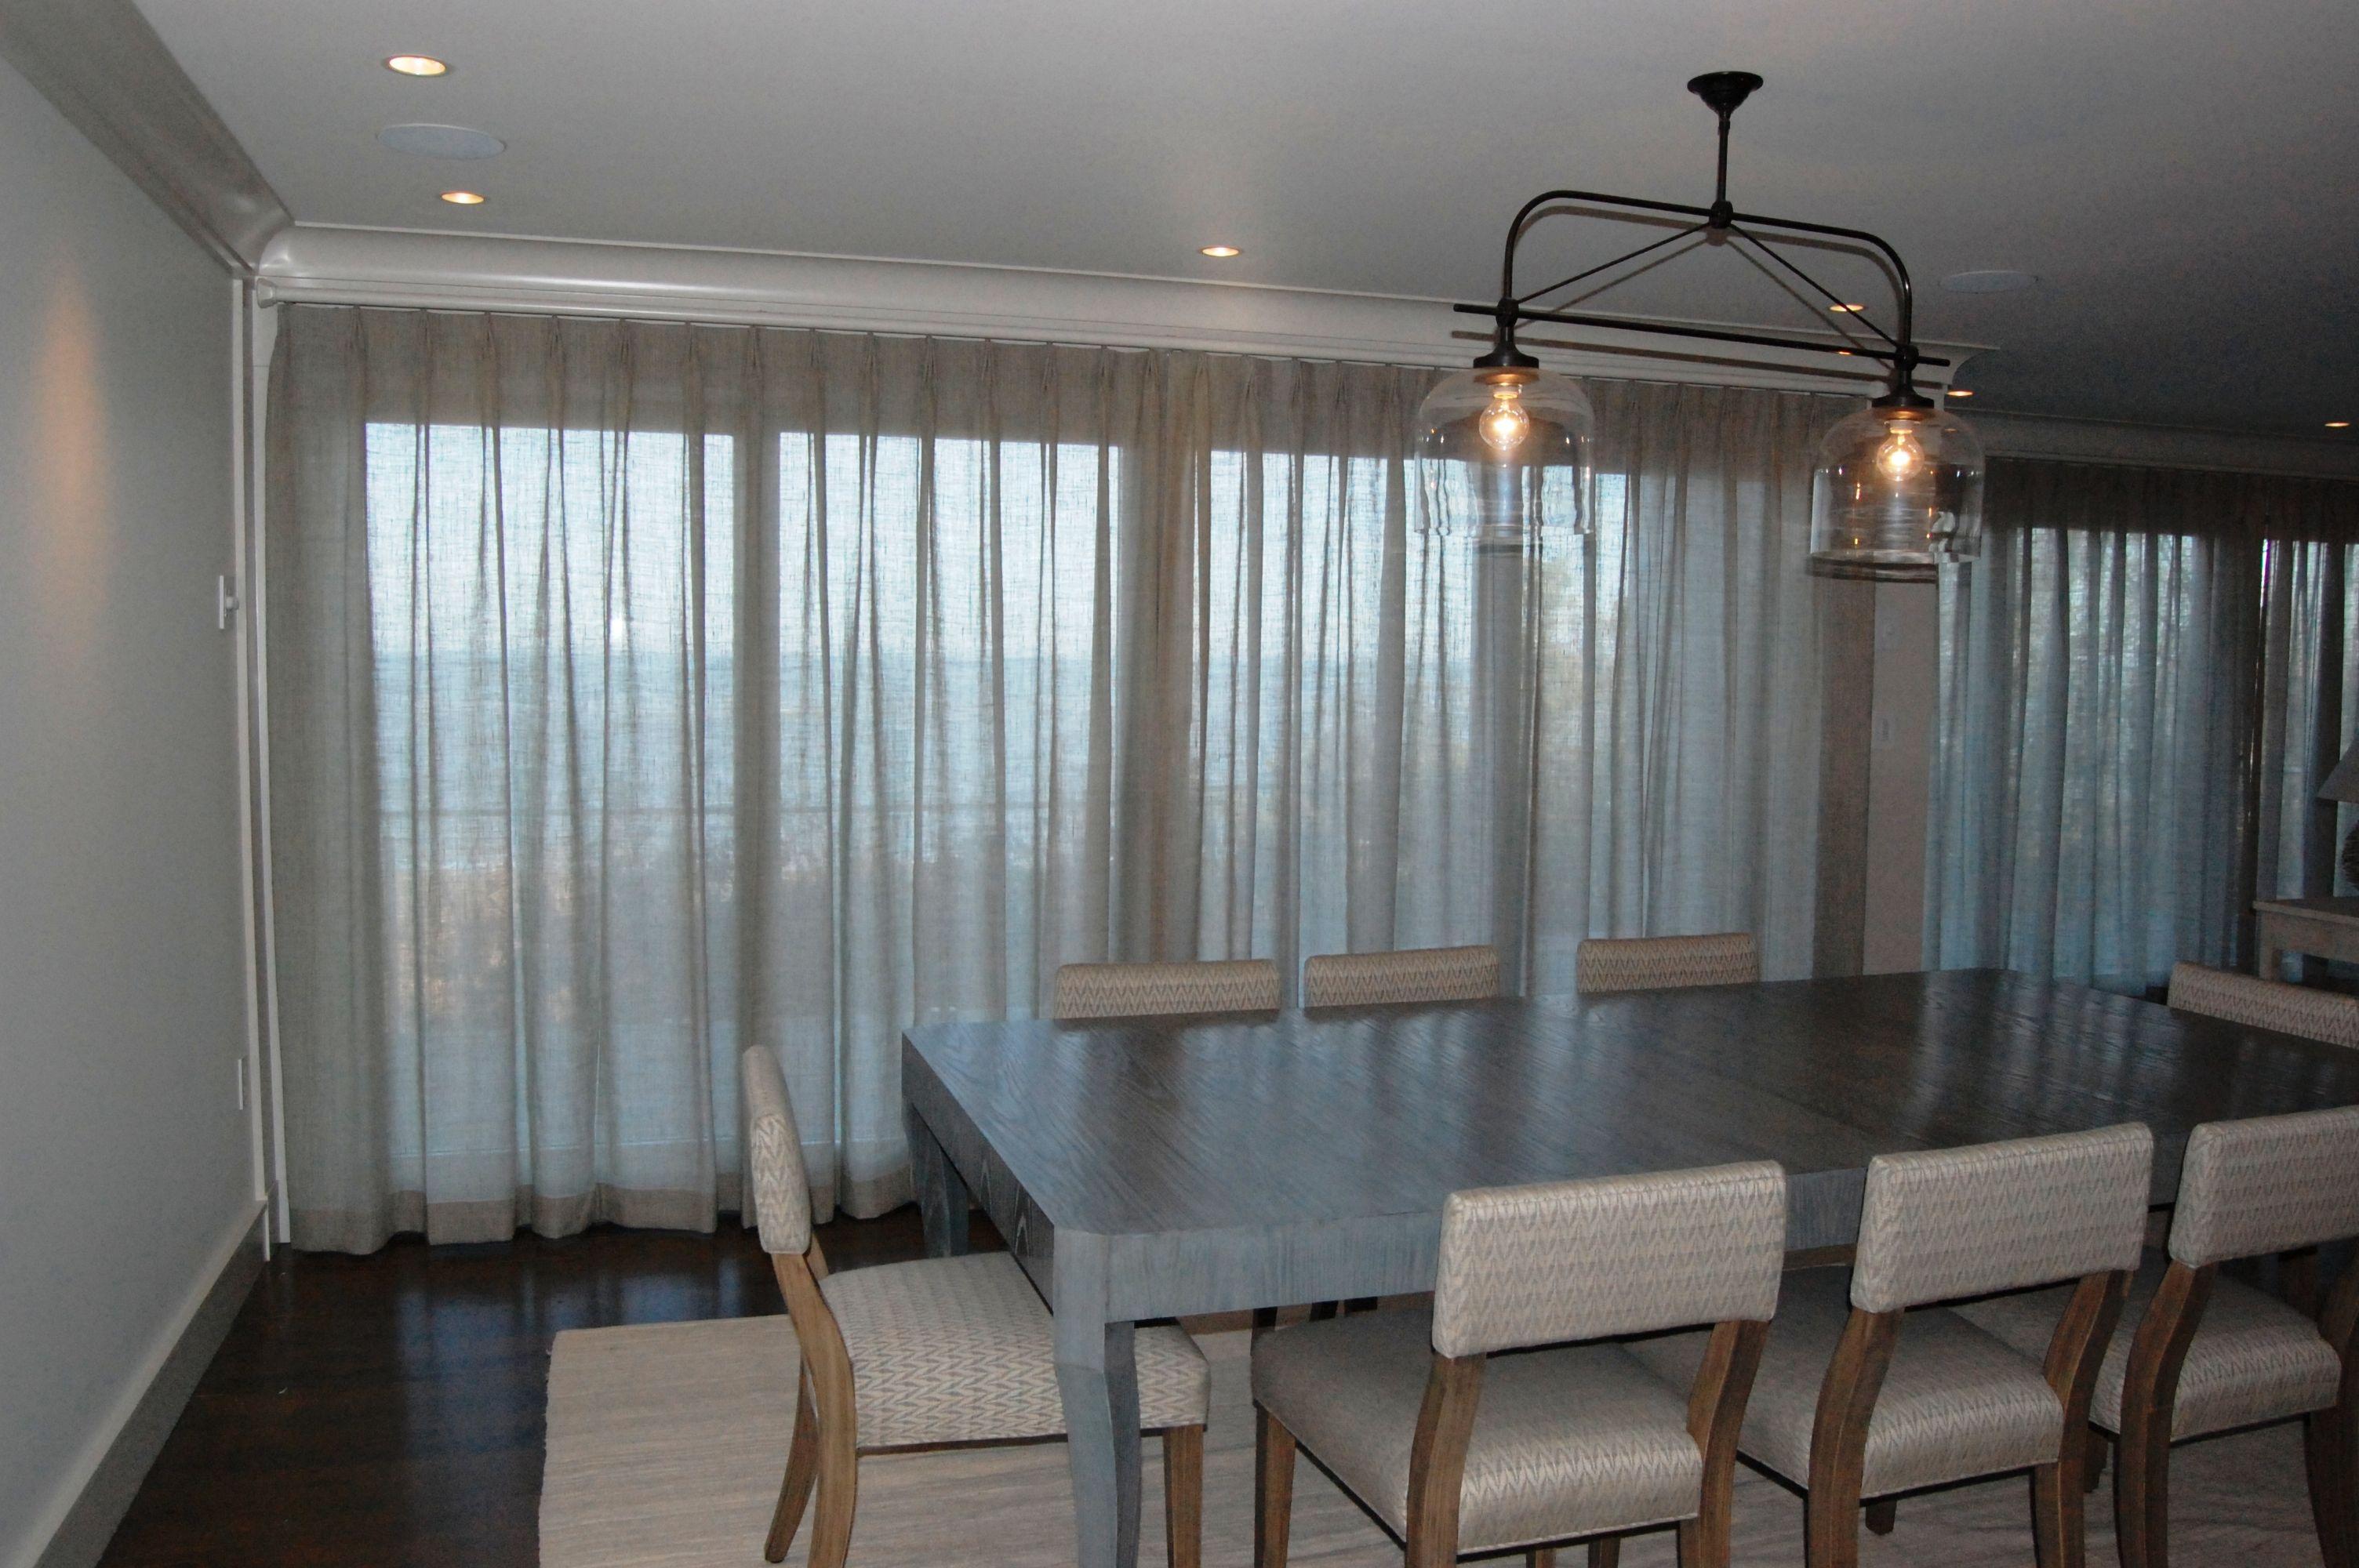 la wa de pin ideal techo las para blinds ventanas espacios soluci n como son nuevos cubrir piso lo vancouver es los budget a grandes